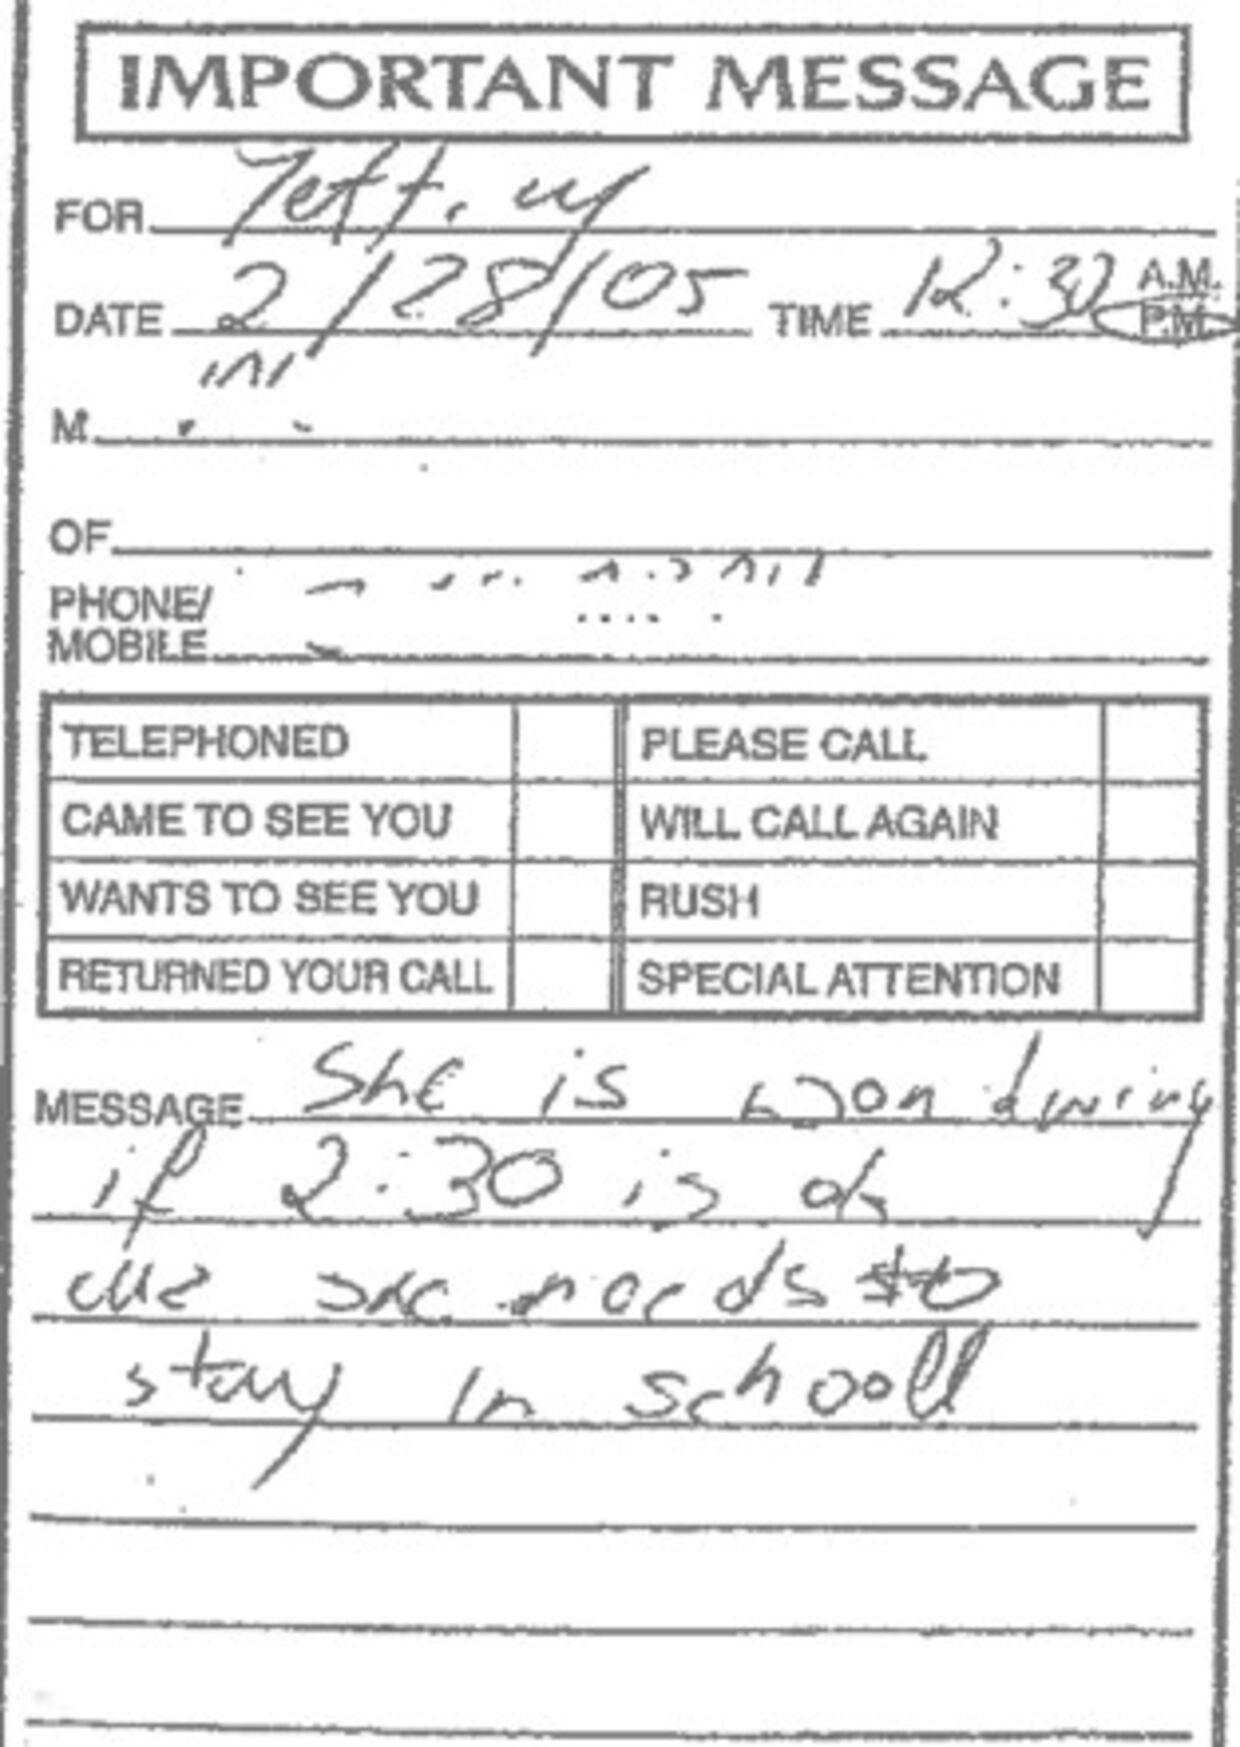 »Hun vil høre, om 14.30 er okay, fordi hun er nødt til at blive i skole,« står der på noten til Jeffrey Epstein.